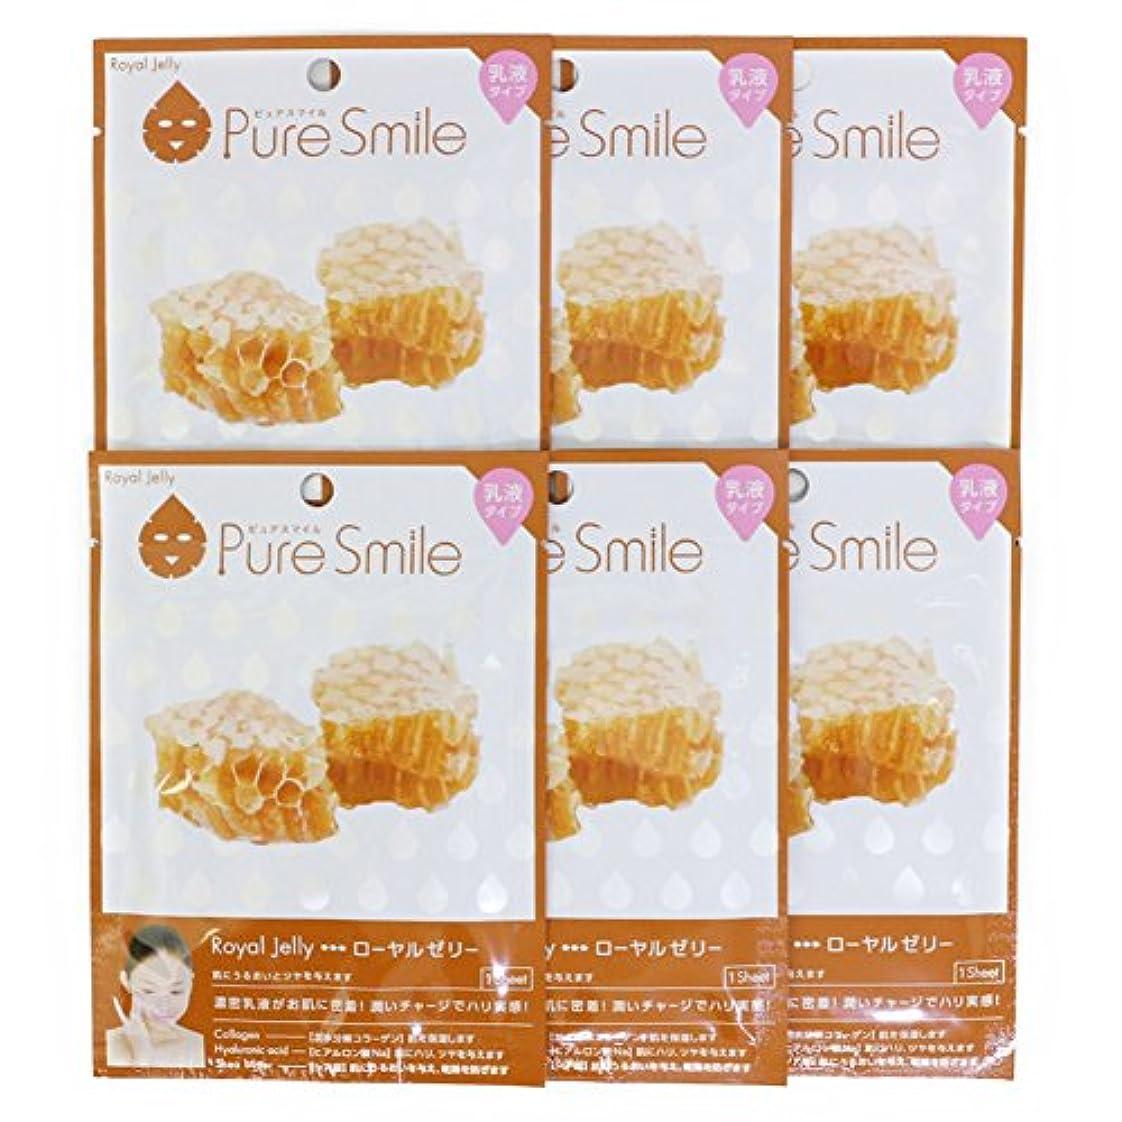 宿泊悪質な有効なPure Smile ピュアスマイル 乳液エッセンスマスク ローヤルゼリー 6枚セット